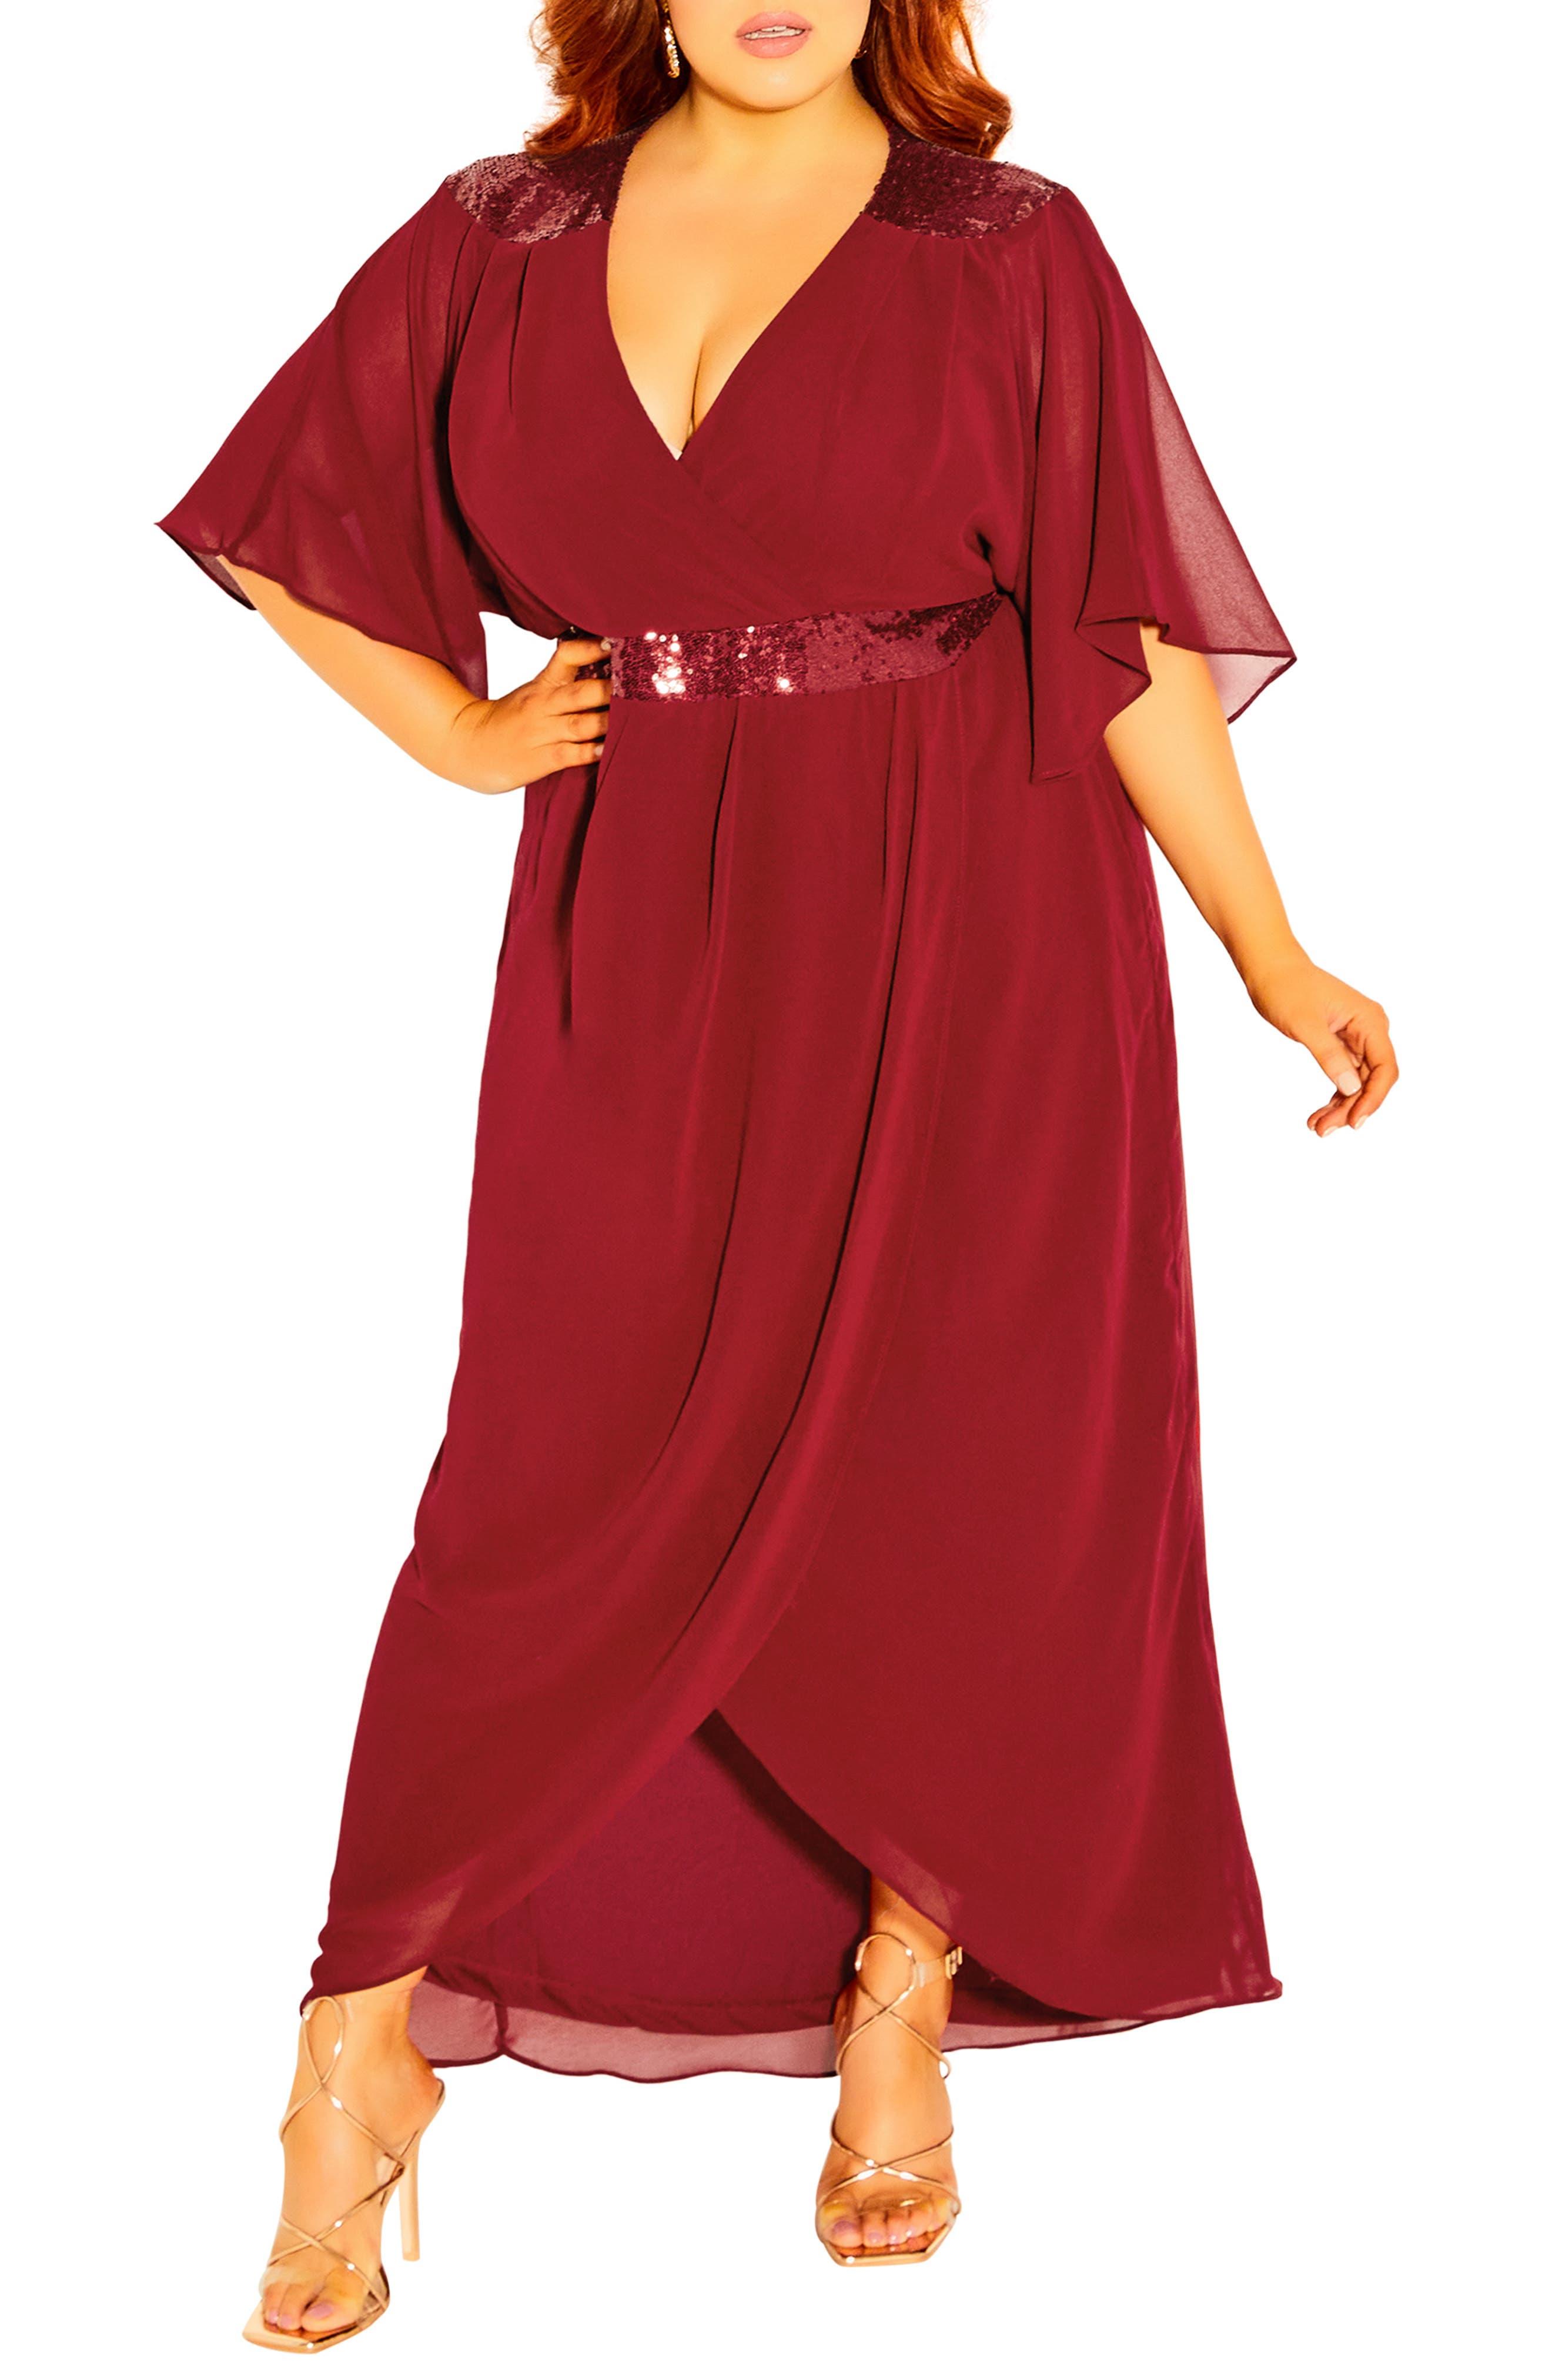 Sequin Faux Wrap Dress